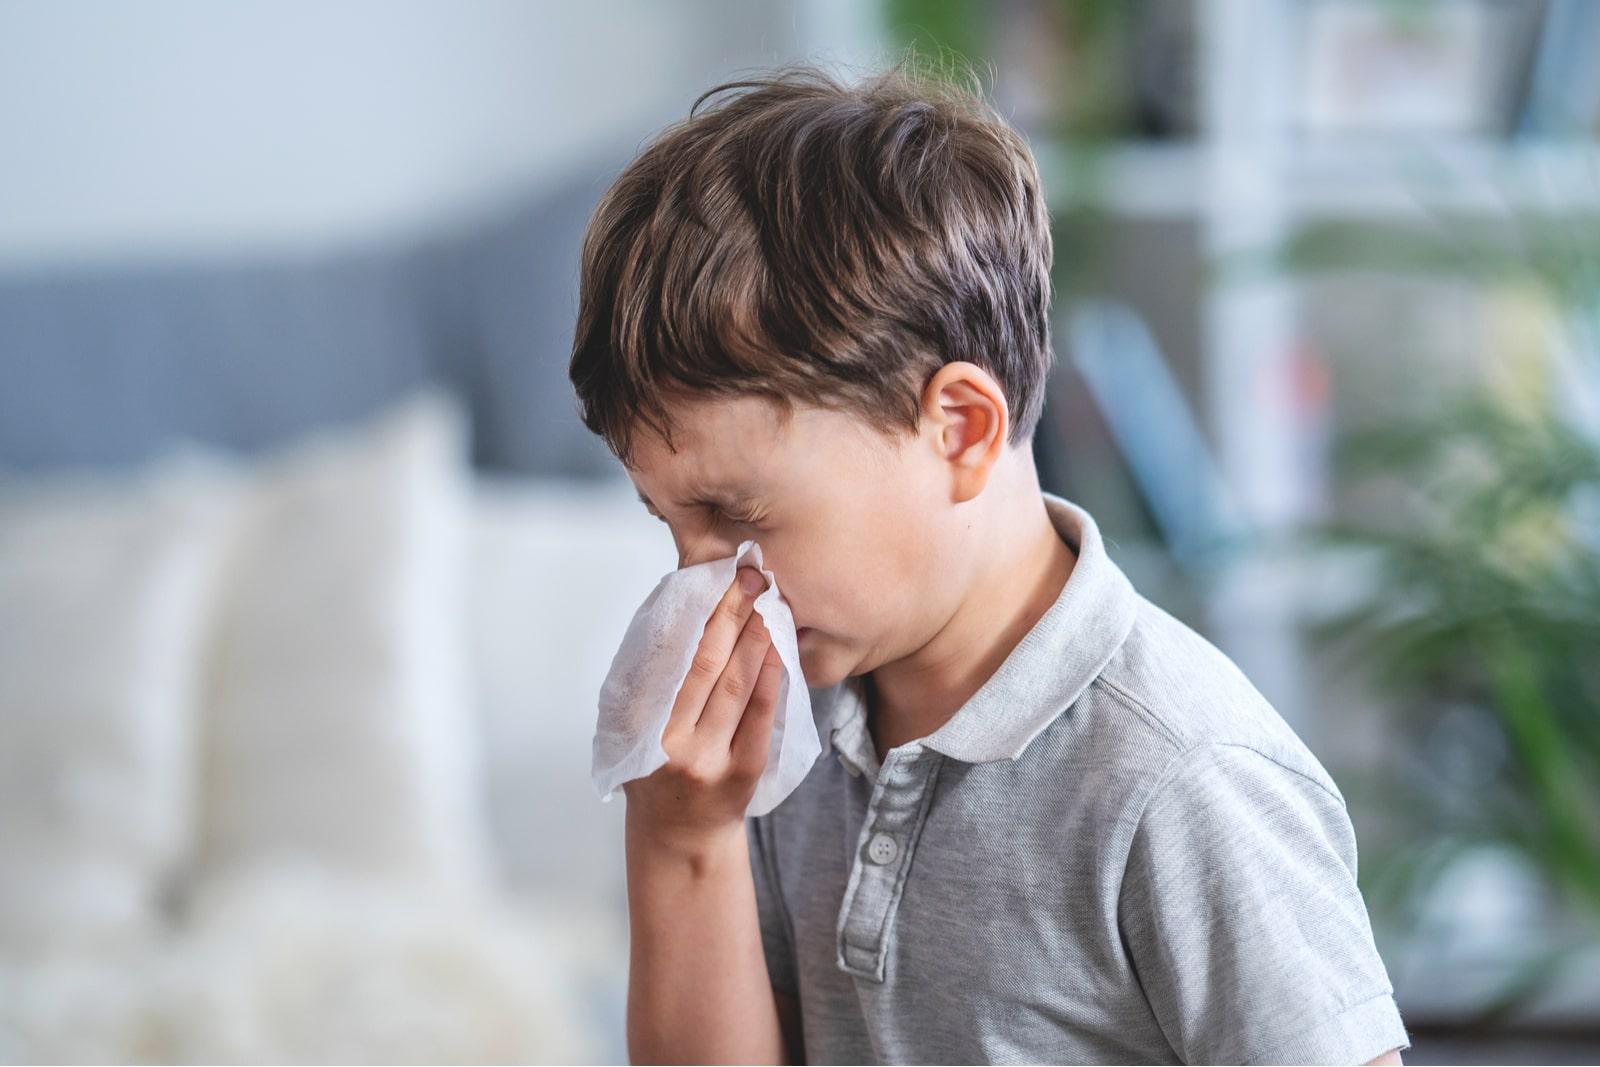 upośledzenie udrożnienia nosa